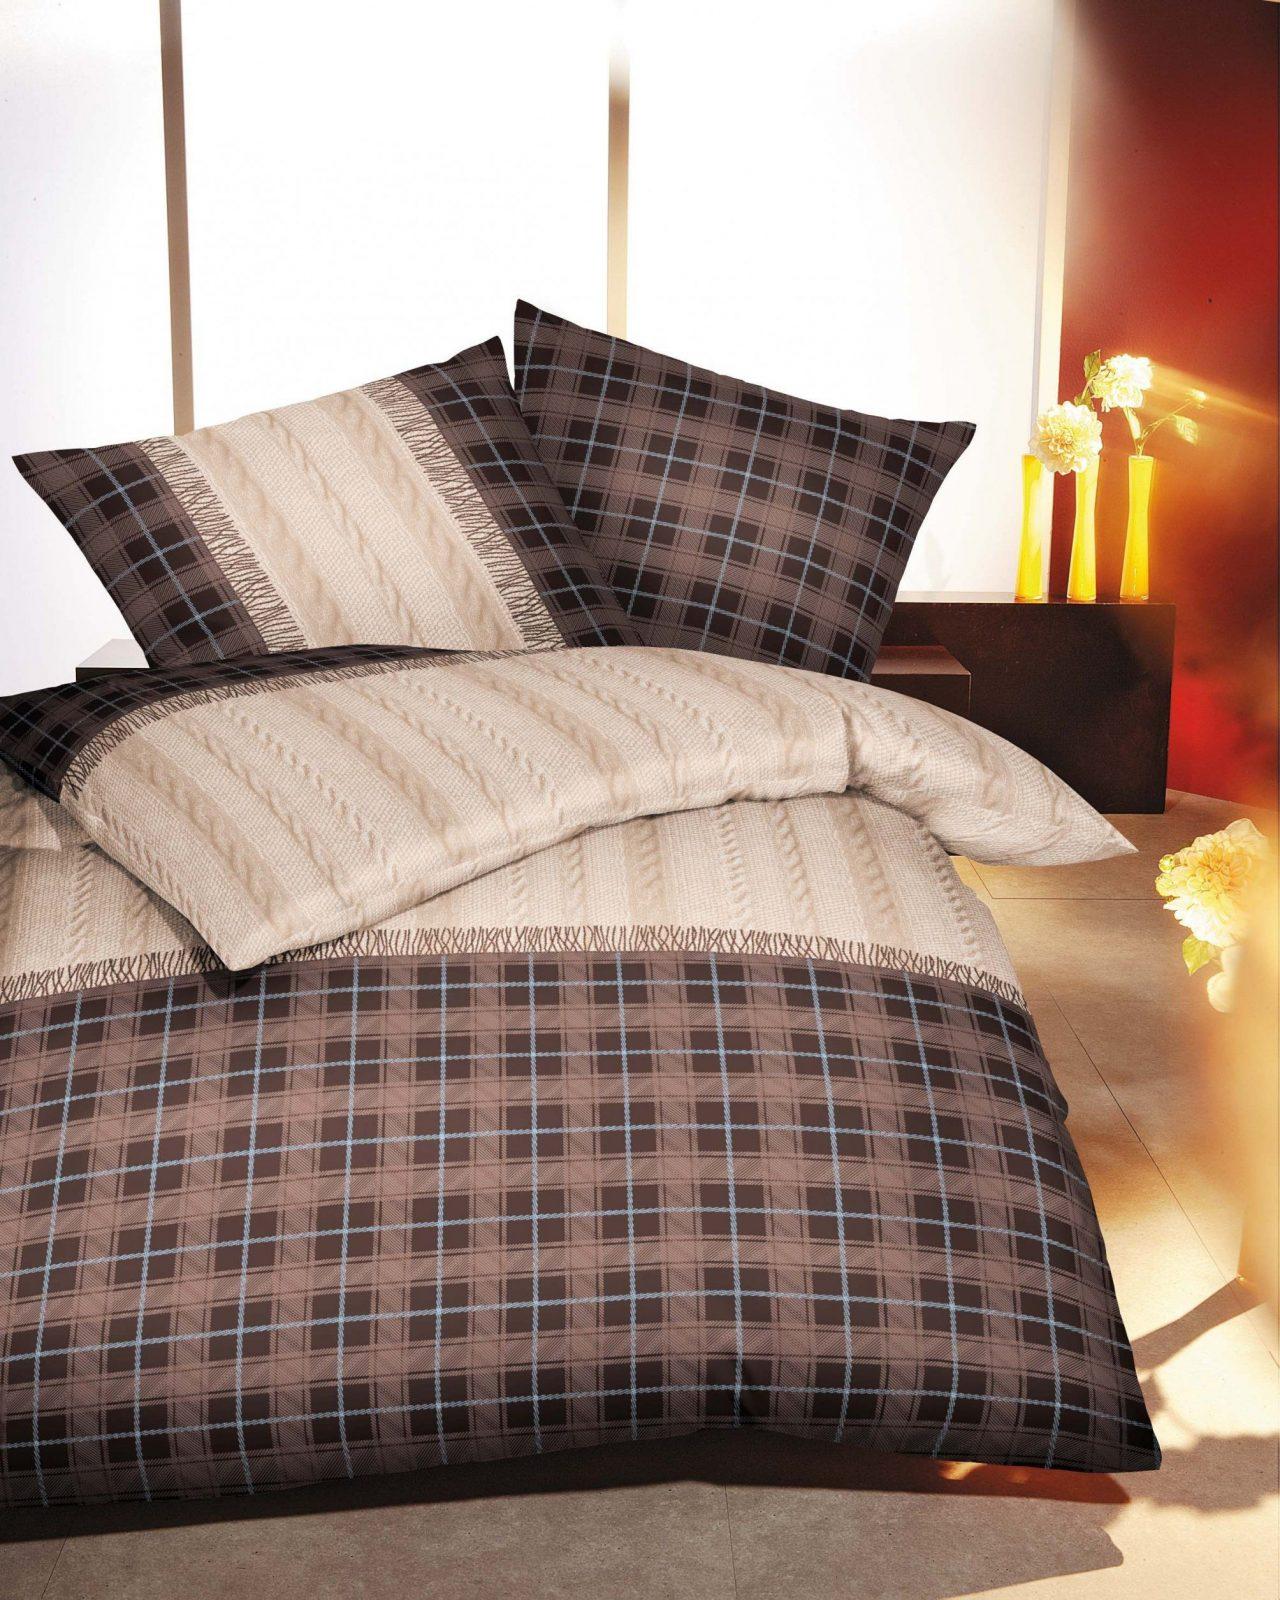 Impressive Bettwäsche Bedrucken Lassen Luxuriös Wo Kann Man Ideen von Bettwäsche Selbst Gestalten Günstig Bild